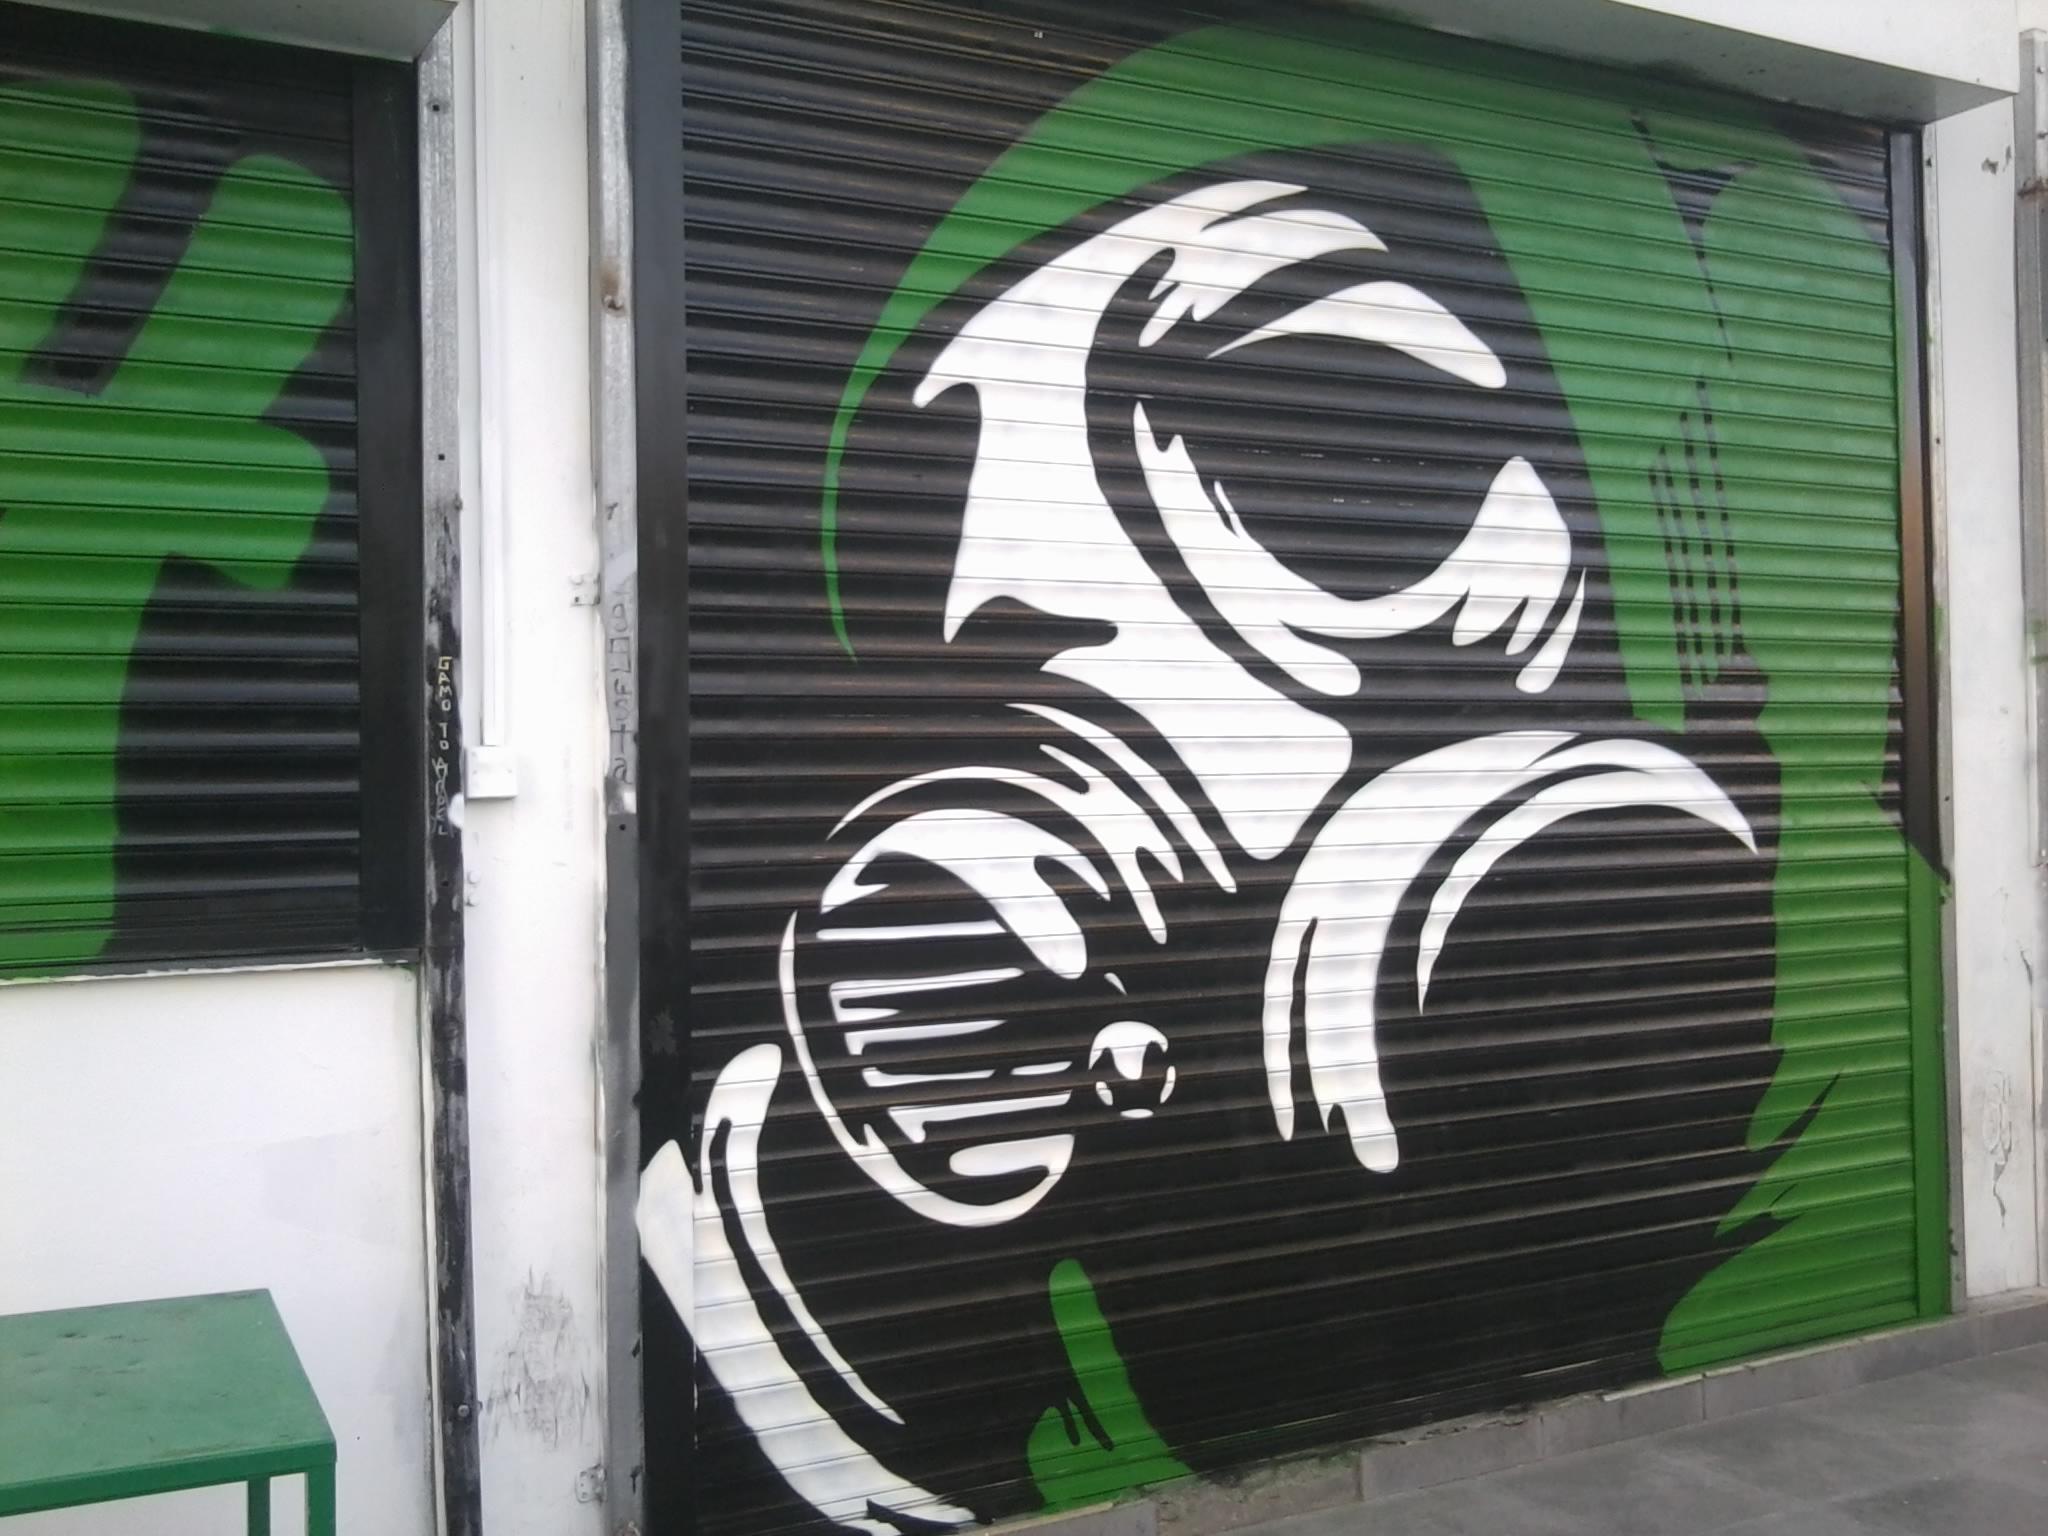 gate 9 fan club